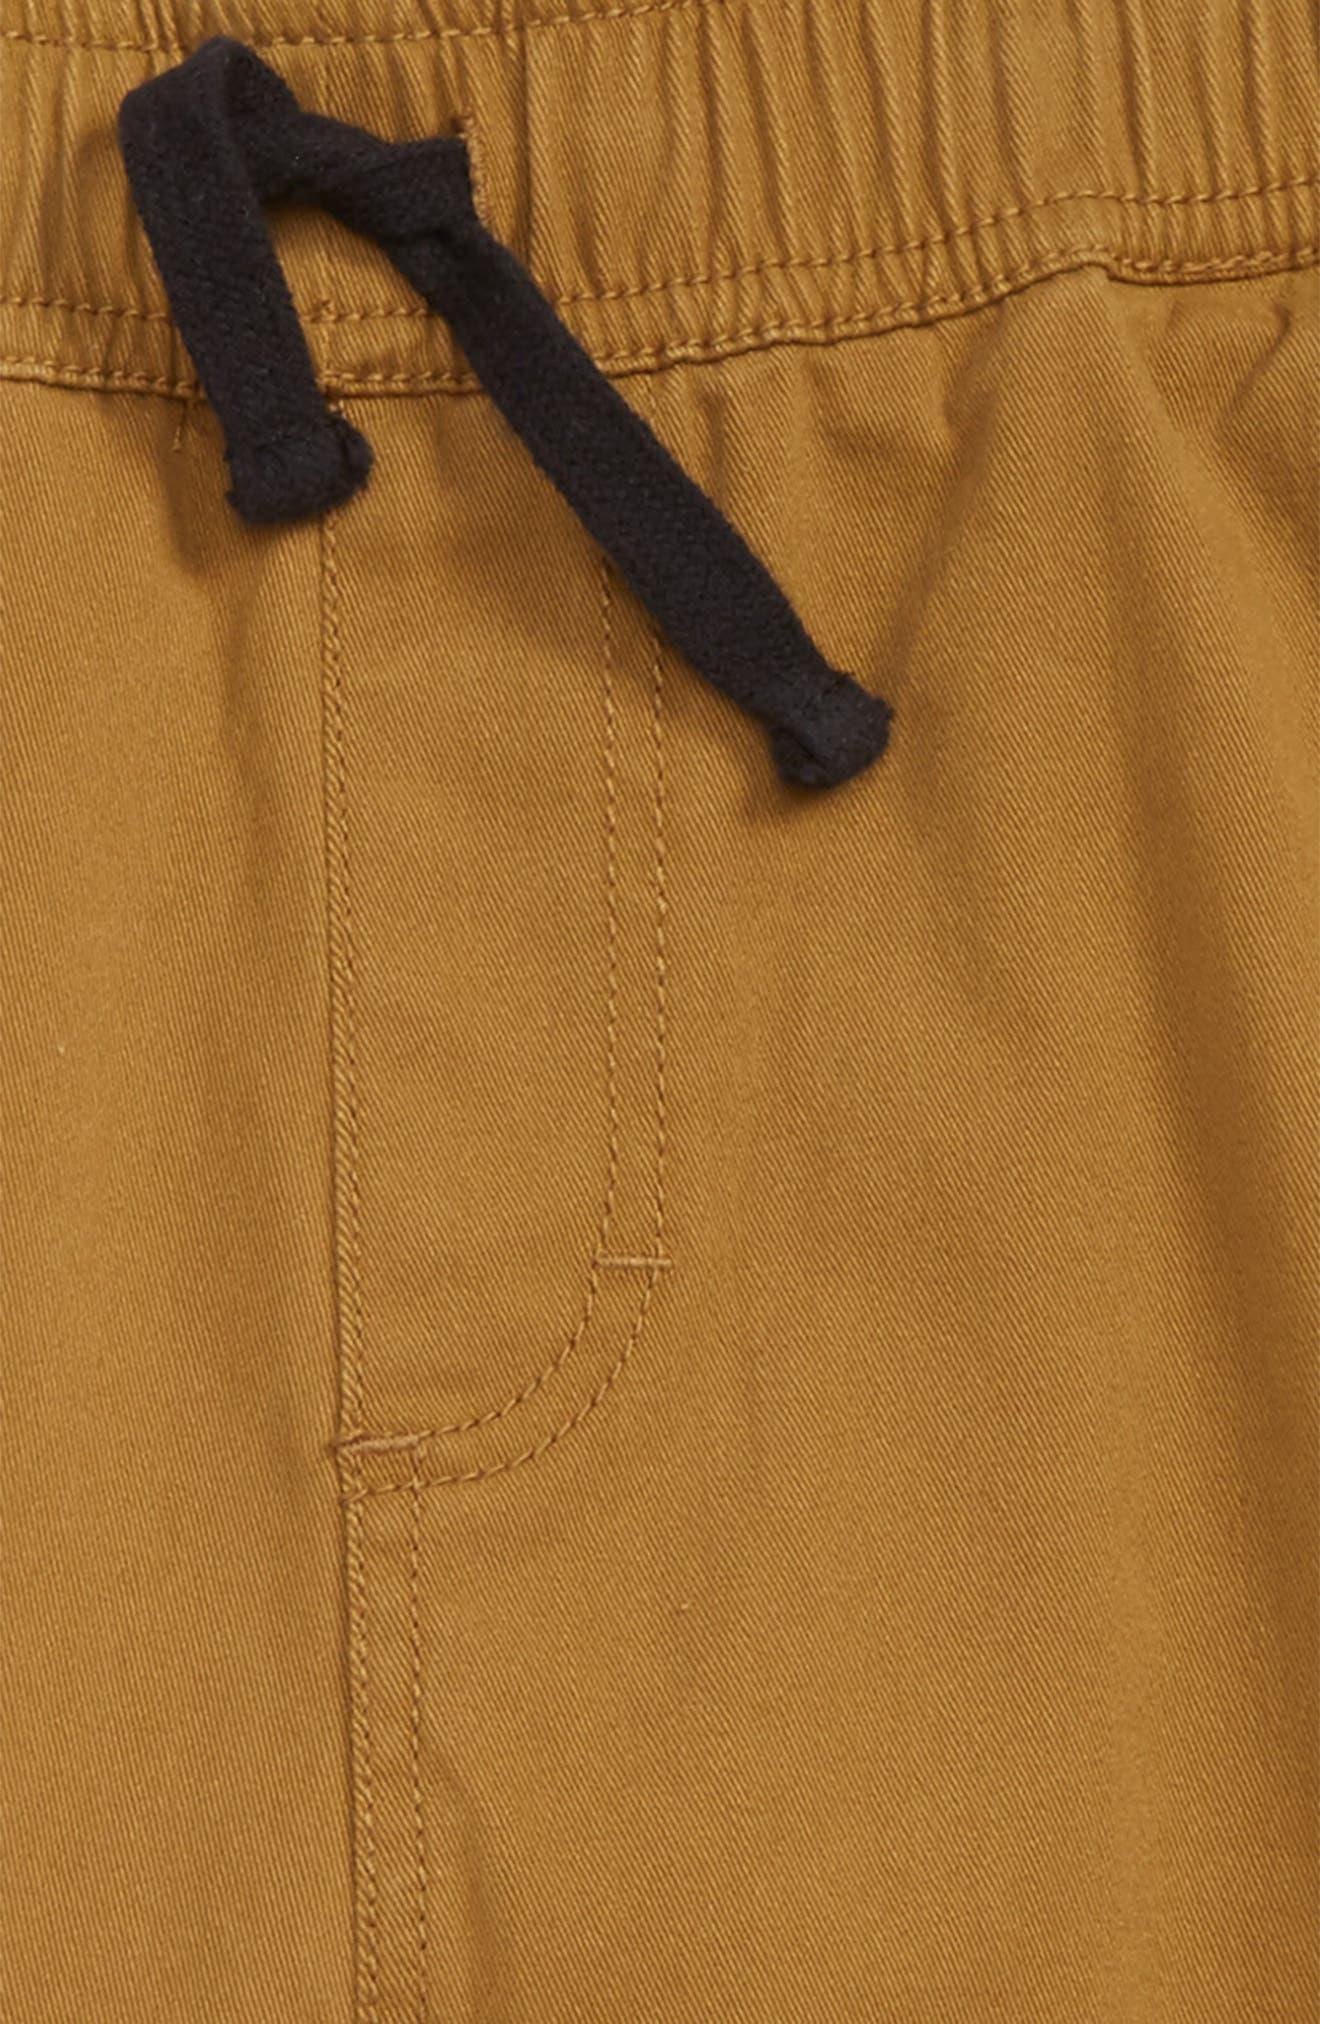 Jogger Shorts,                             Alternate thumbnail 6, color,